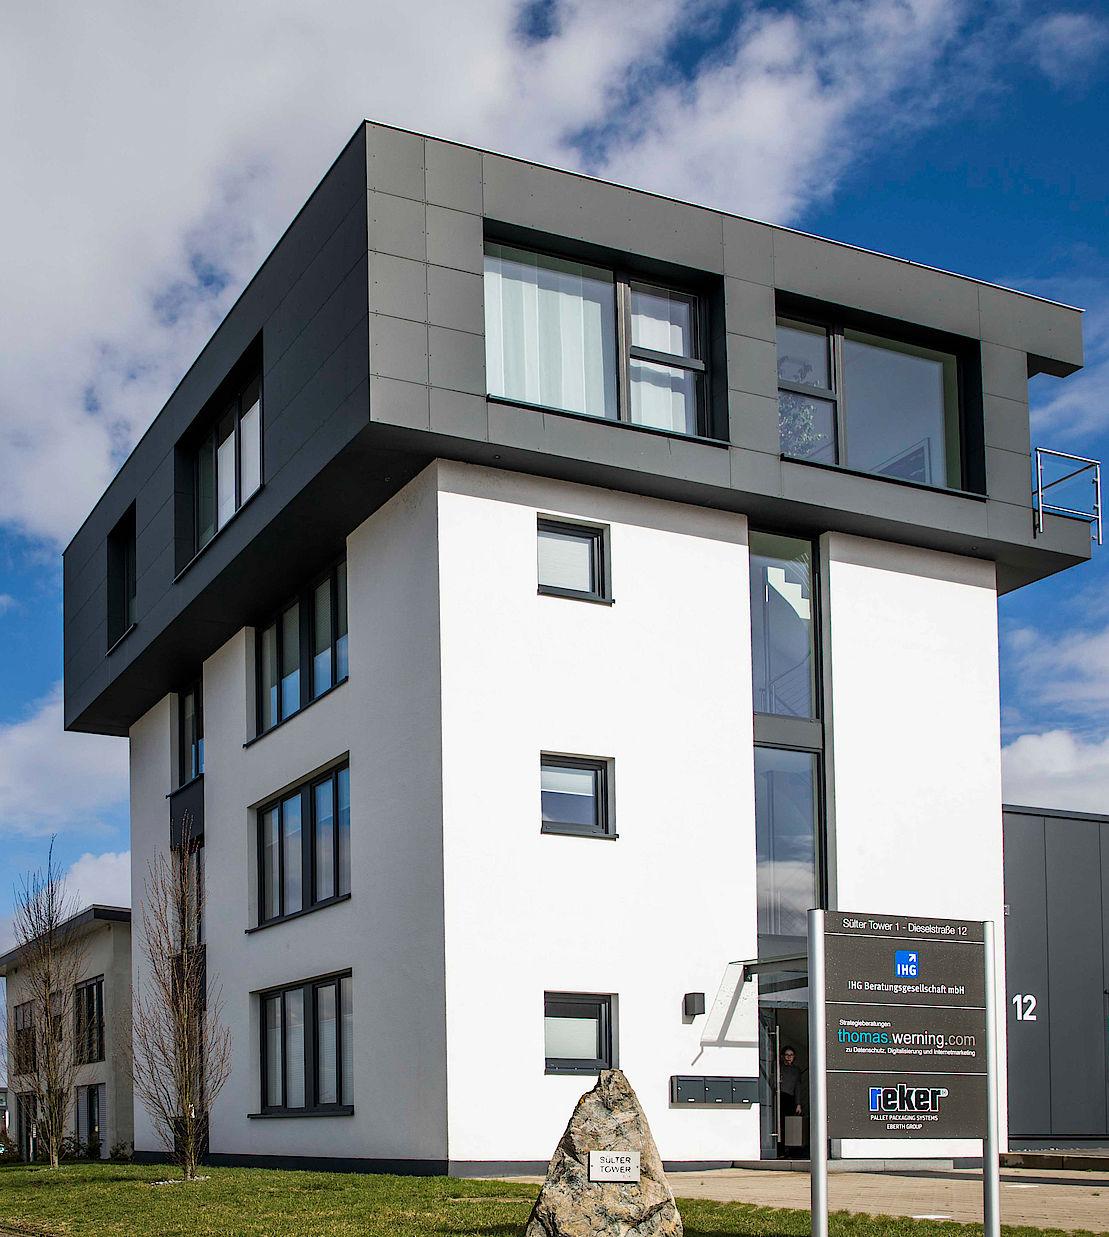 Firmengebäude von werning.com in Lage